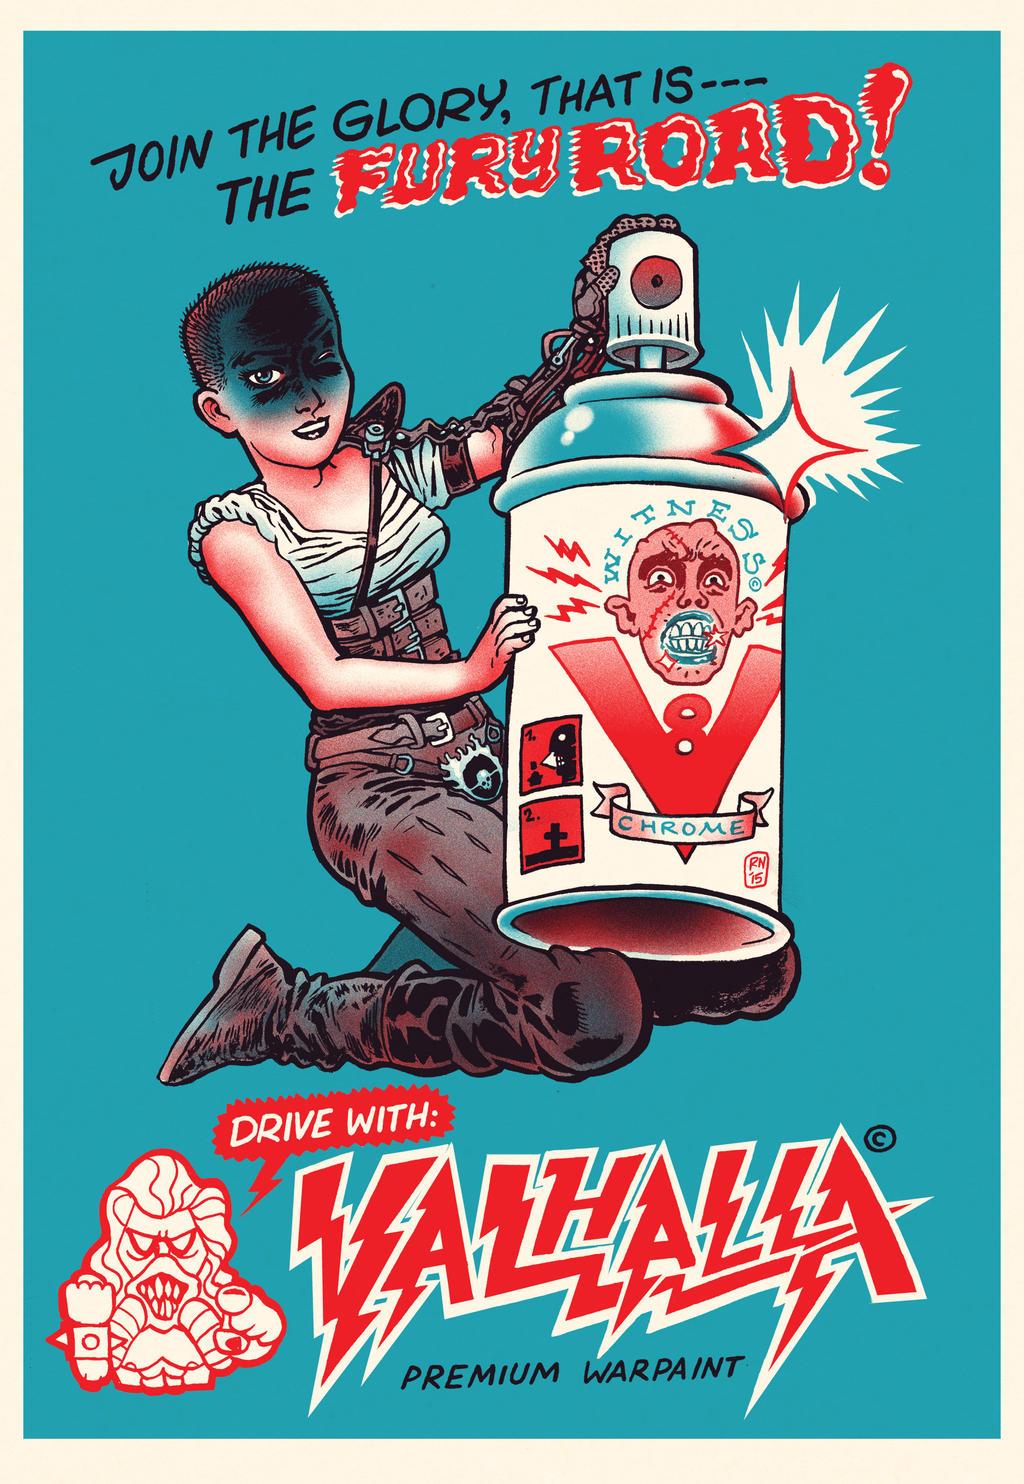 Valhalla by RalphNiese